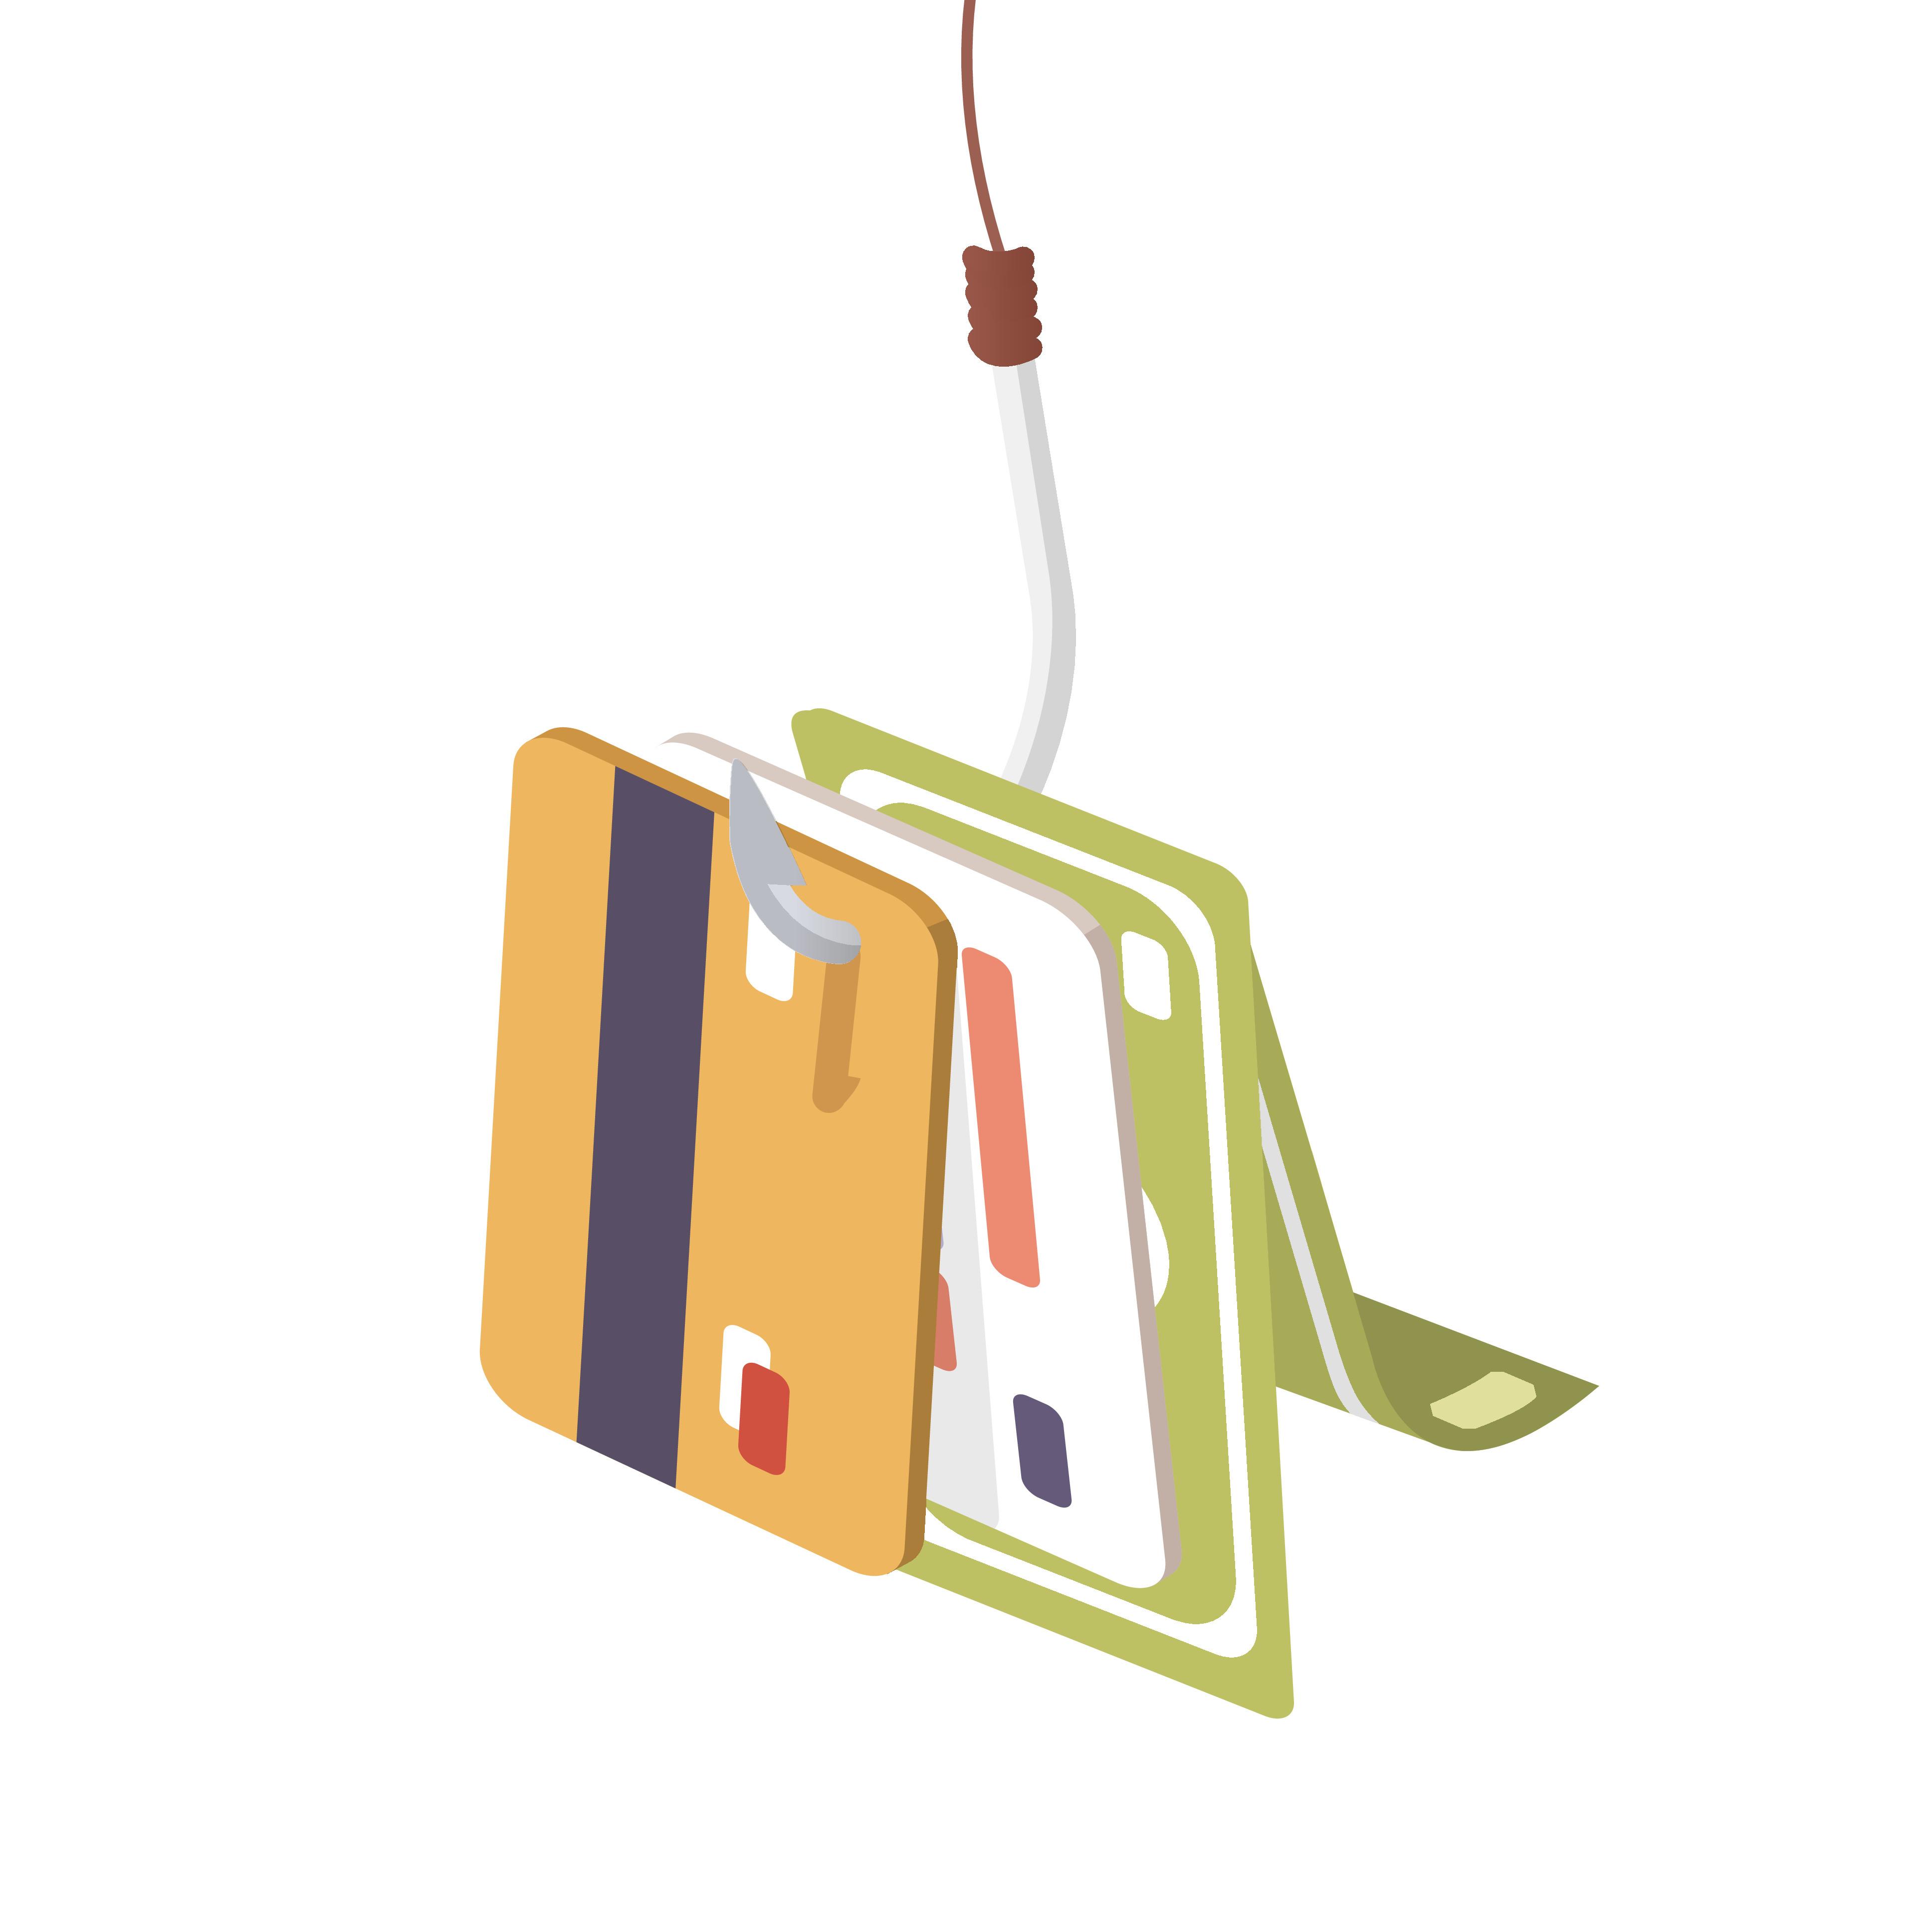 Phishing flyweel blog stock image